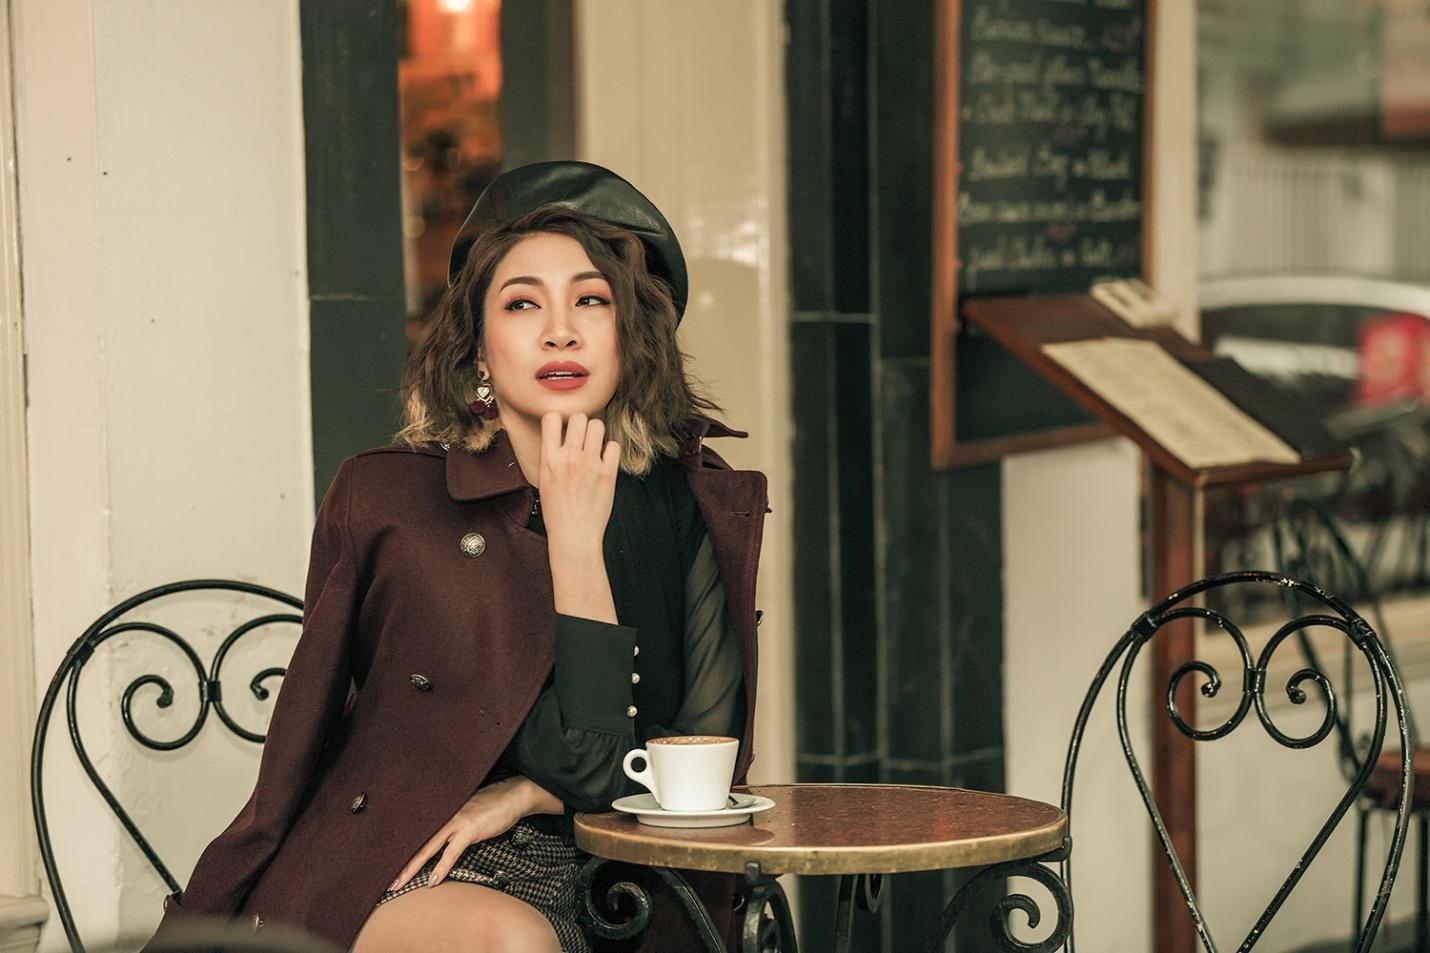 Ca sĩ Pha Lê bất ngờ lên tiếng giữa ồn ào mang đồ nhân trần của Ngọc Trinh tại thảm đỏ Cannes 2019 - Hình 6